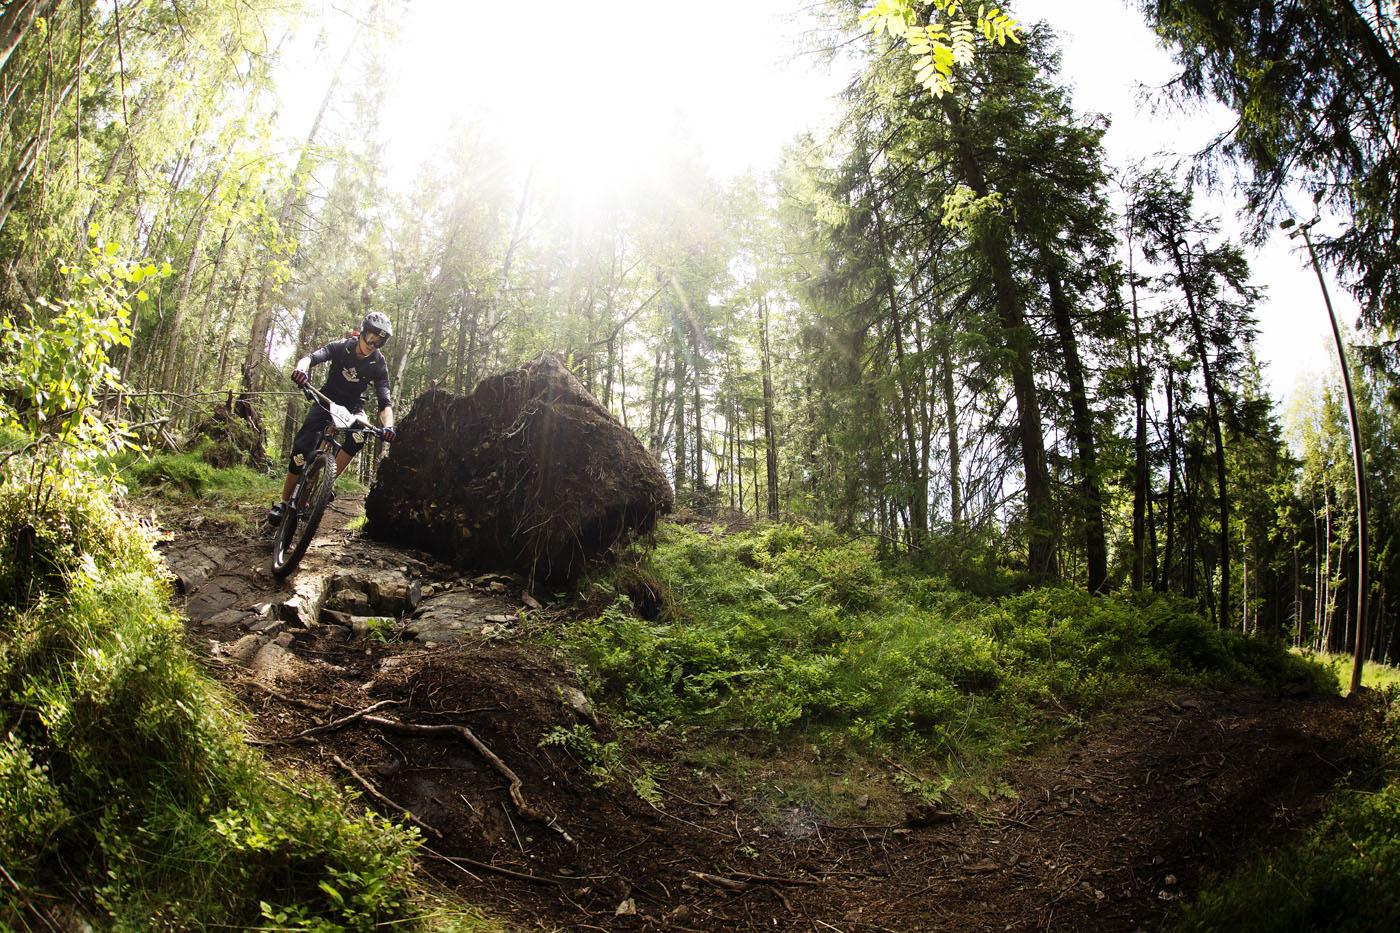 Terrenget i området rundt Tårnbakken og klatreparken i Tryvann er teknisk samt at underlaget gjør Oslo Enduro beryktet for punkteringer. Foto: Kristoffer Kippernes